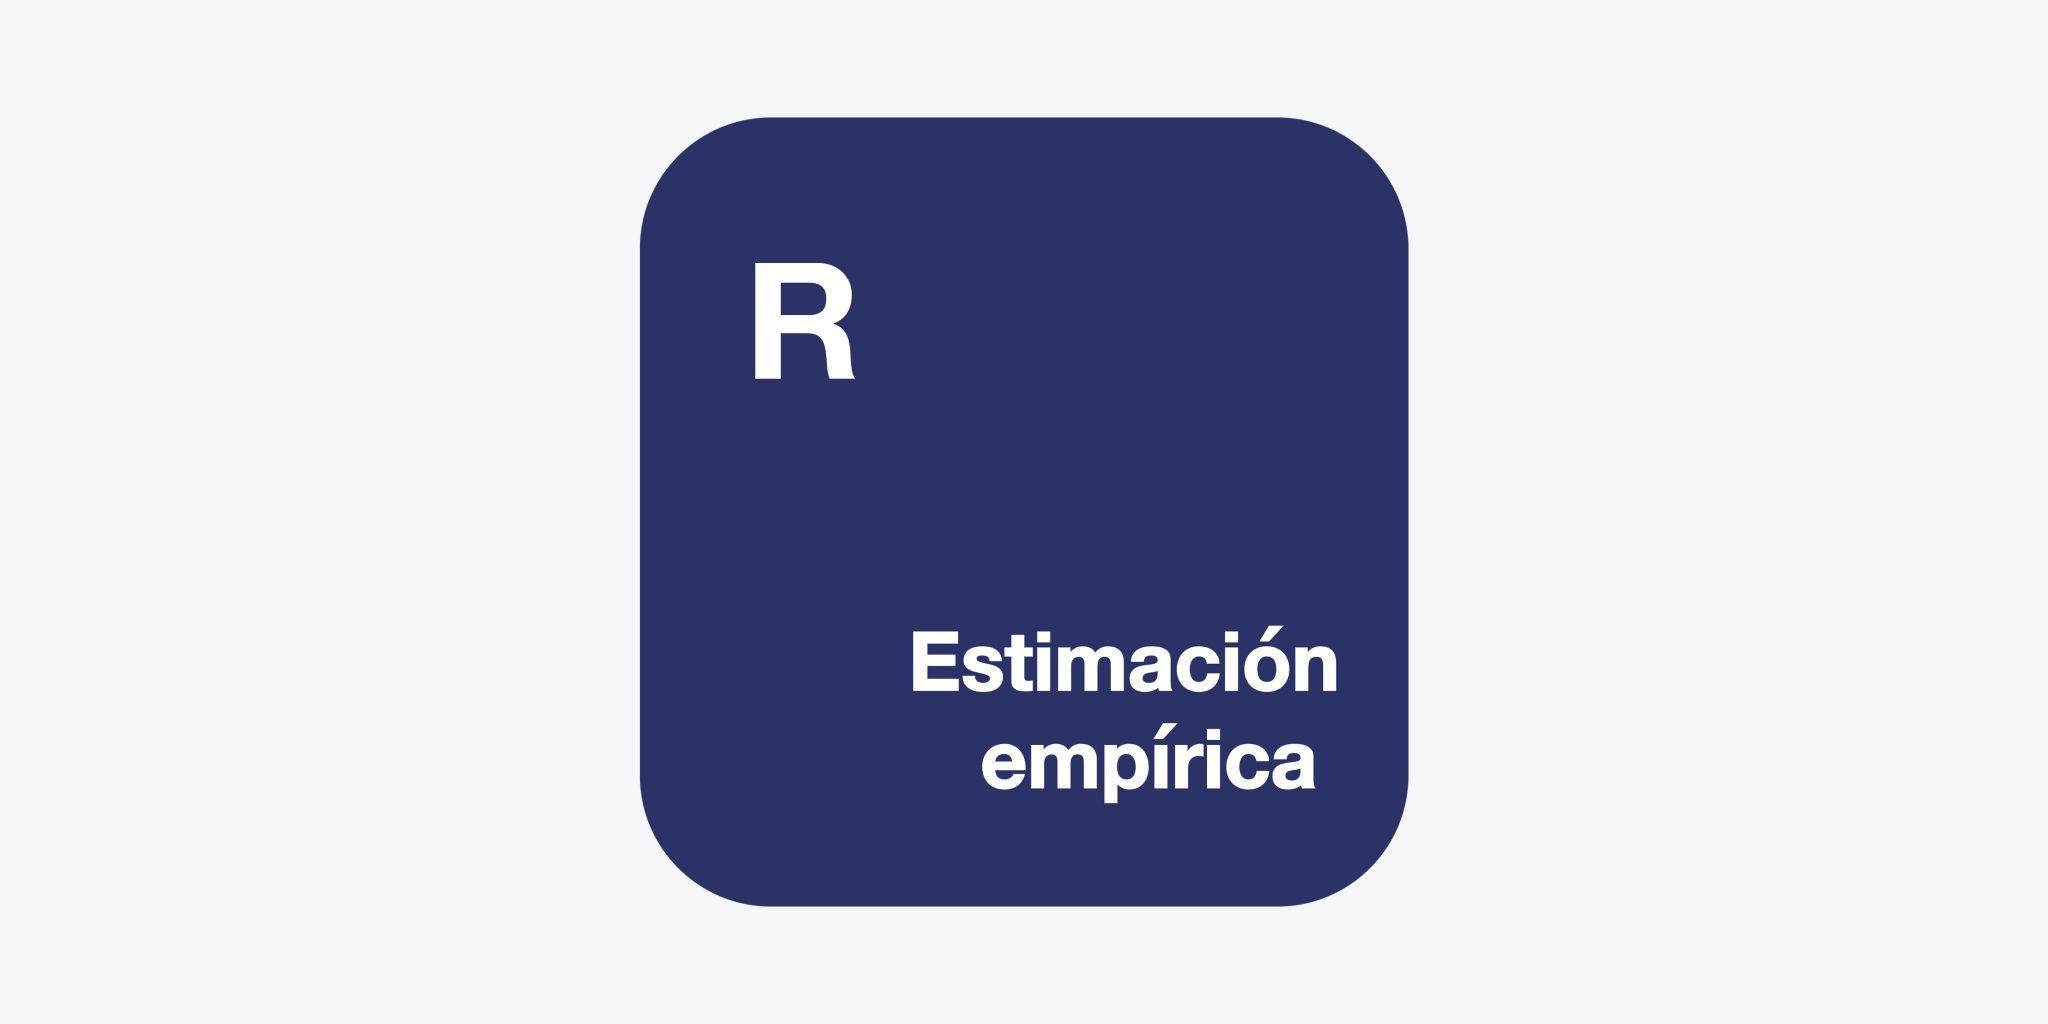 R Estimación Empírica